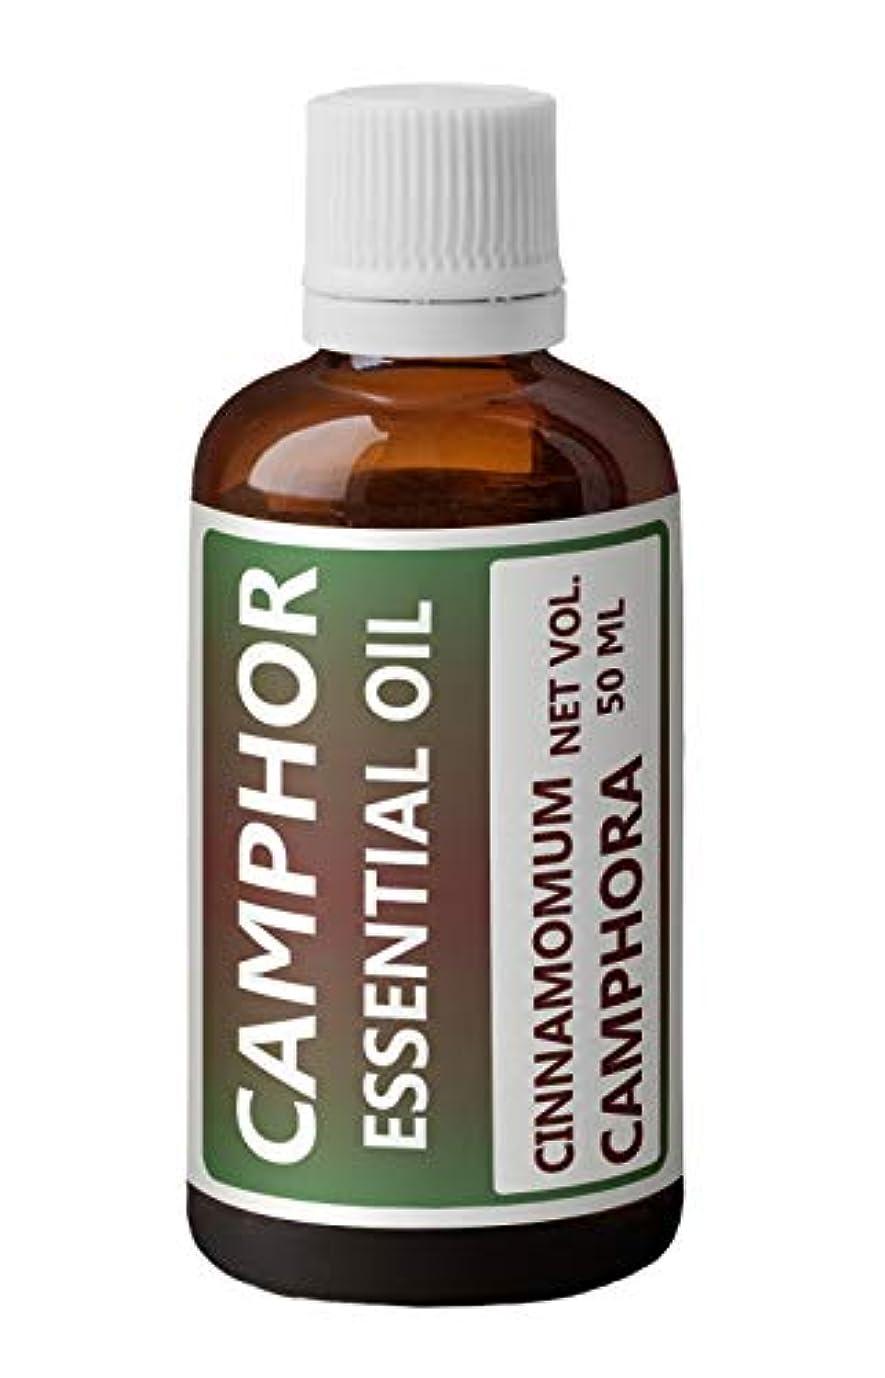 遺伝子サンドイッチ本質的にHeilen Biopharm樟脳精油(Cinnamomum camphora)(15 ml) (050ミリリットル)